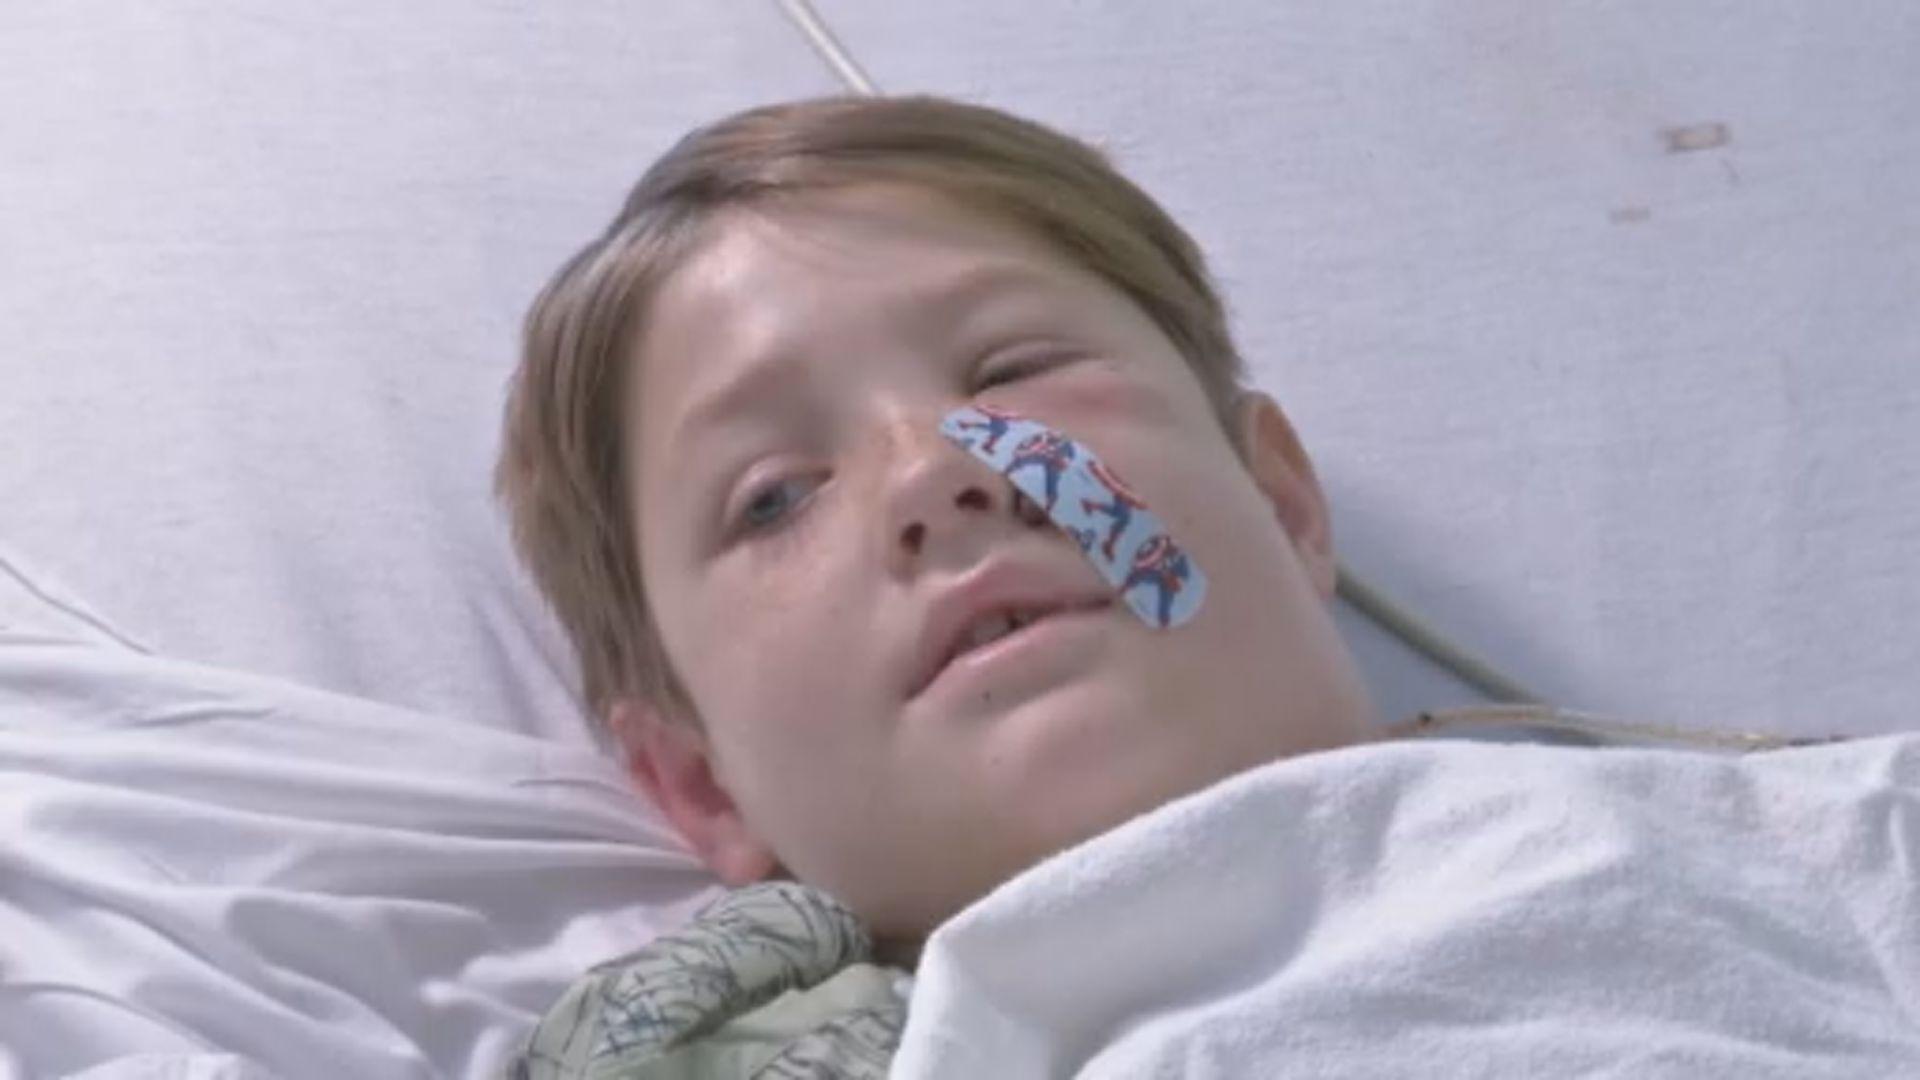 【環球薈報】美國男童遭鐵枝刺穿頭部大難不死